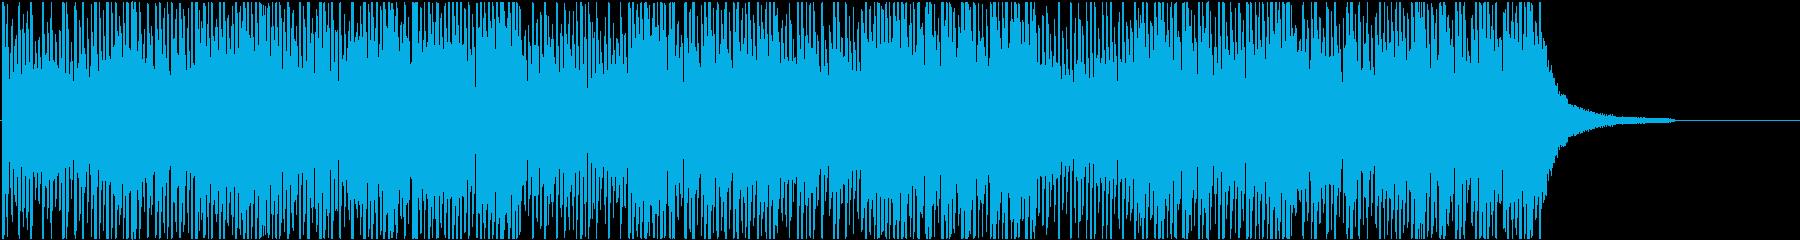 News7 24bit44kHzVerの再生済みの波形